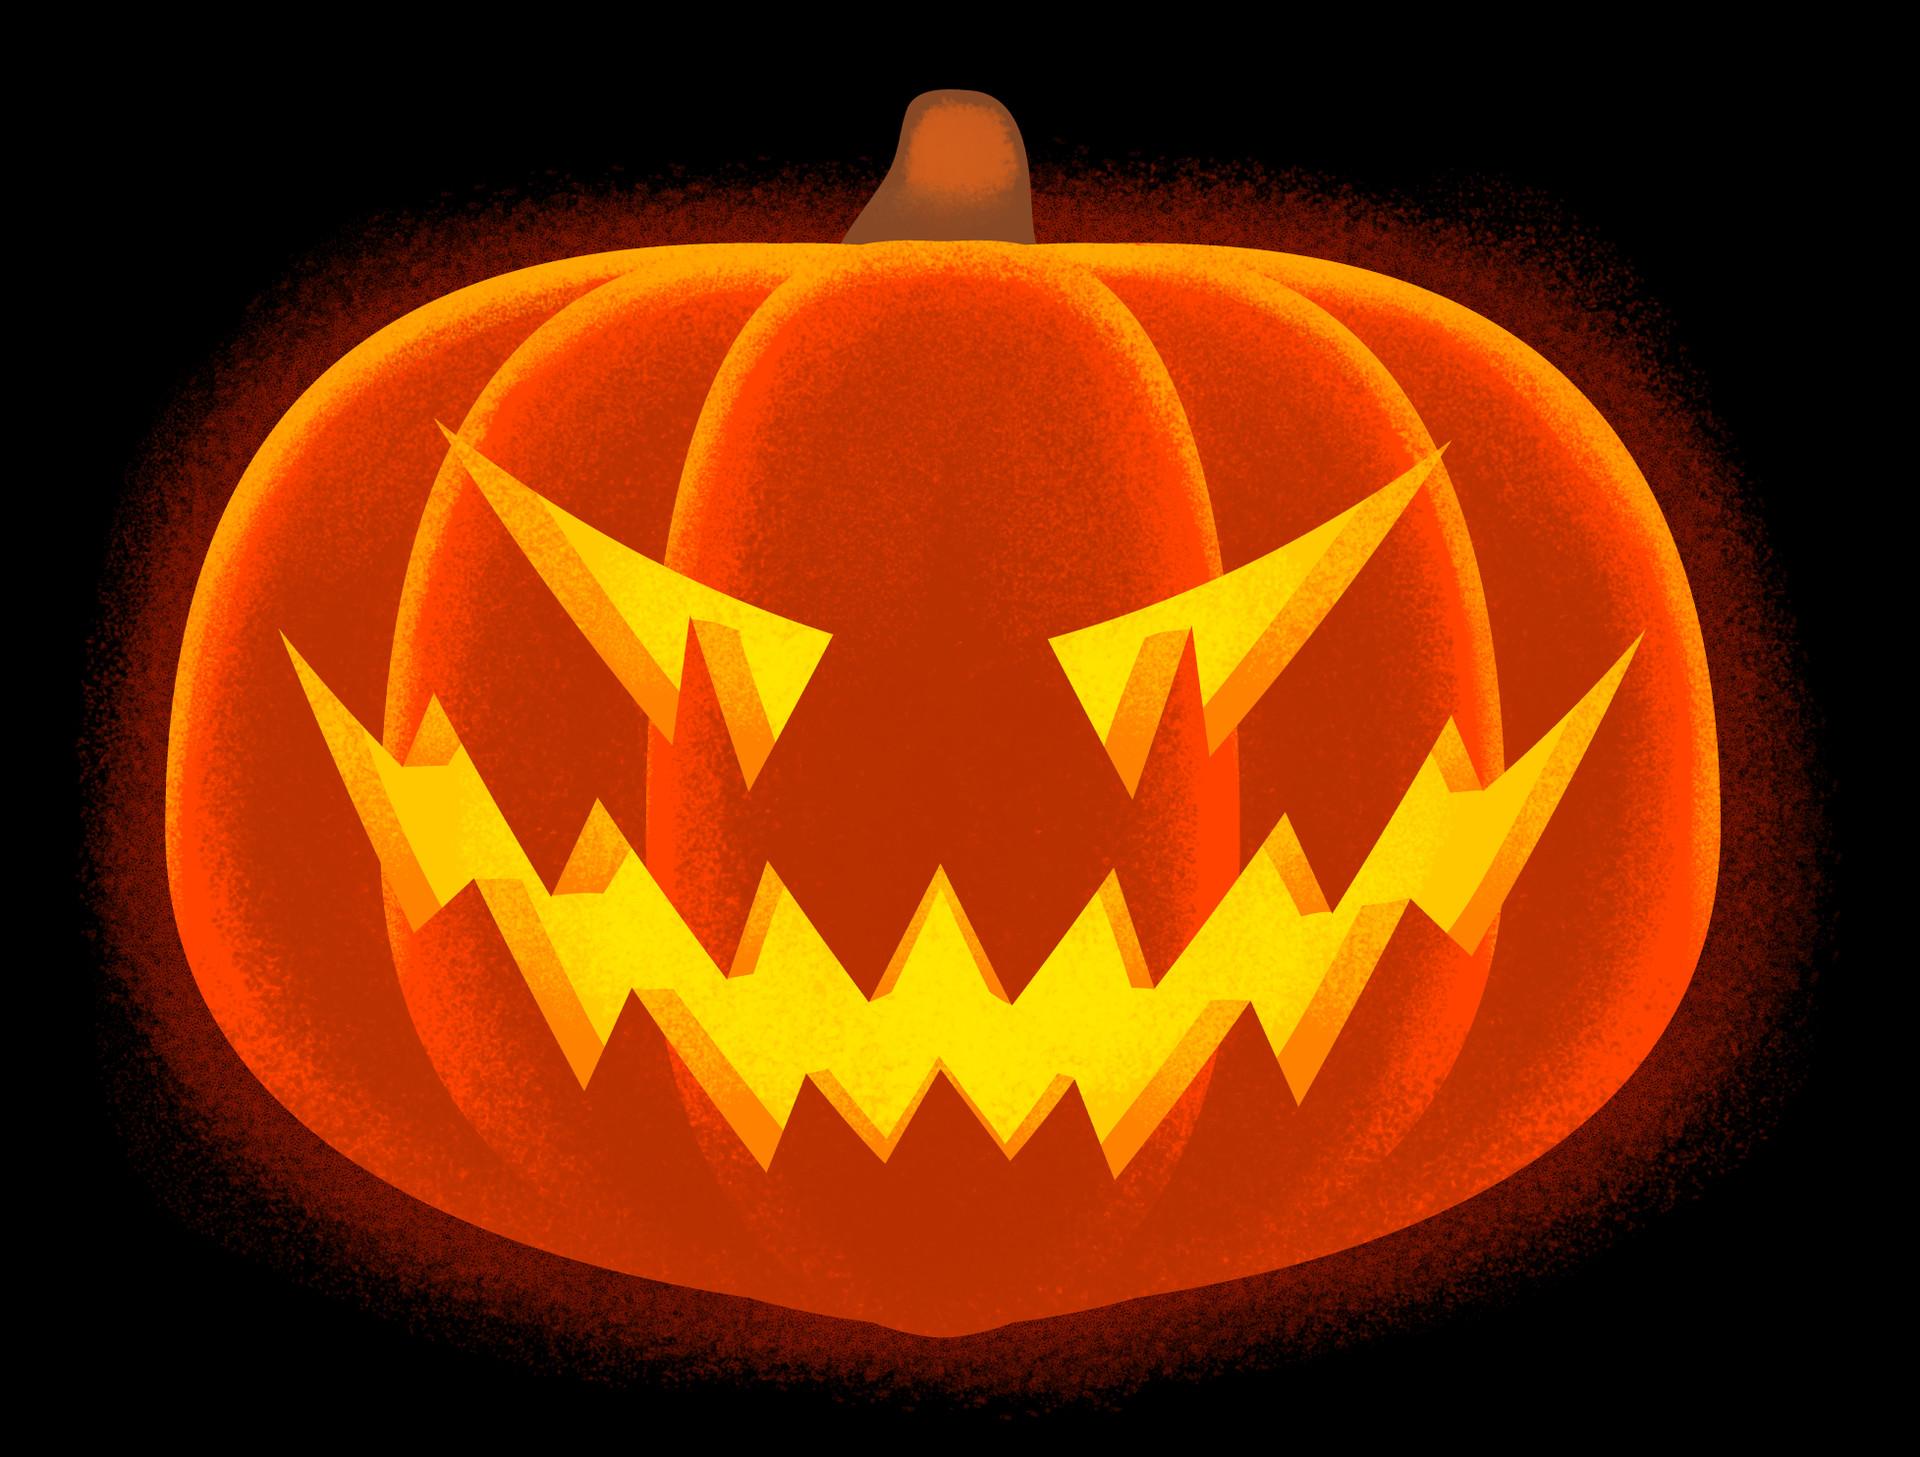 Tom martin halloween 3 pumpkin 2